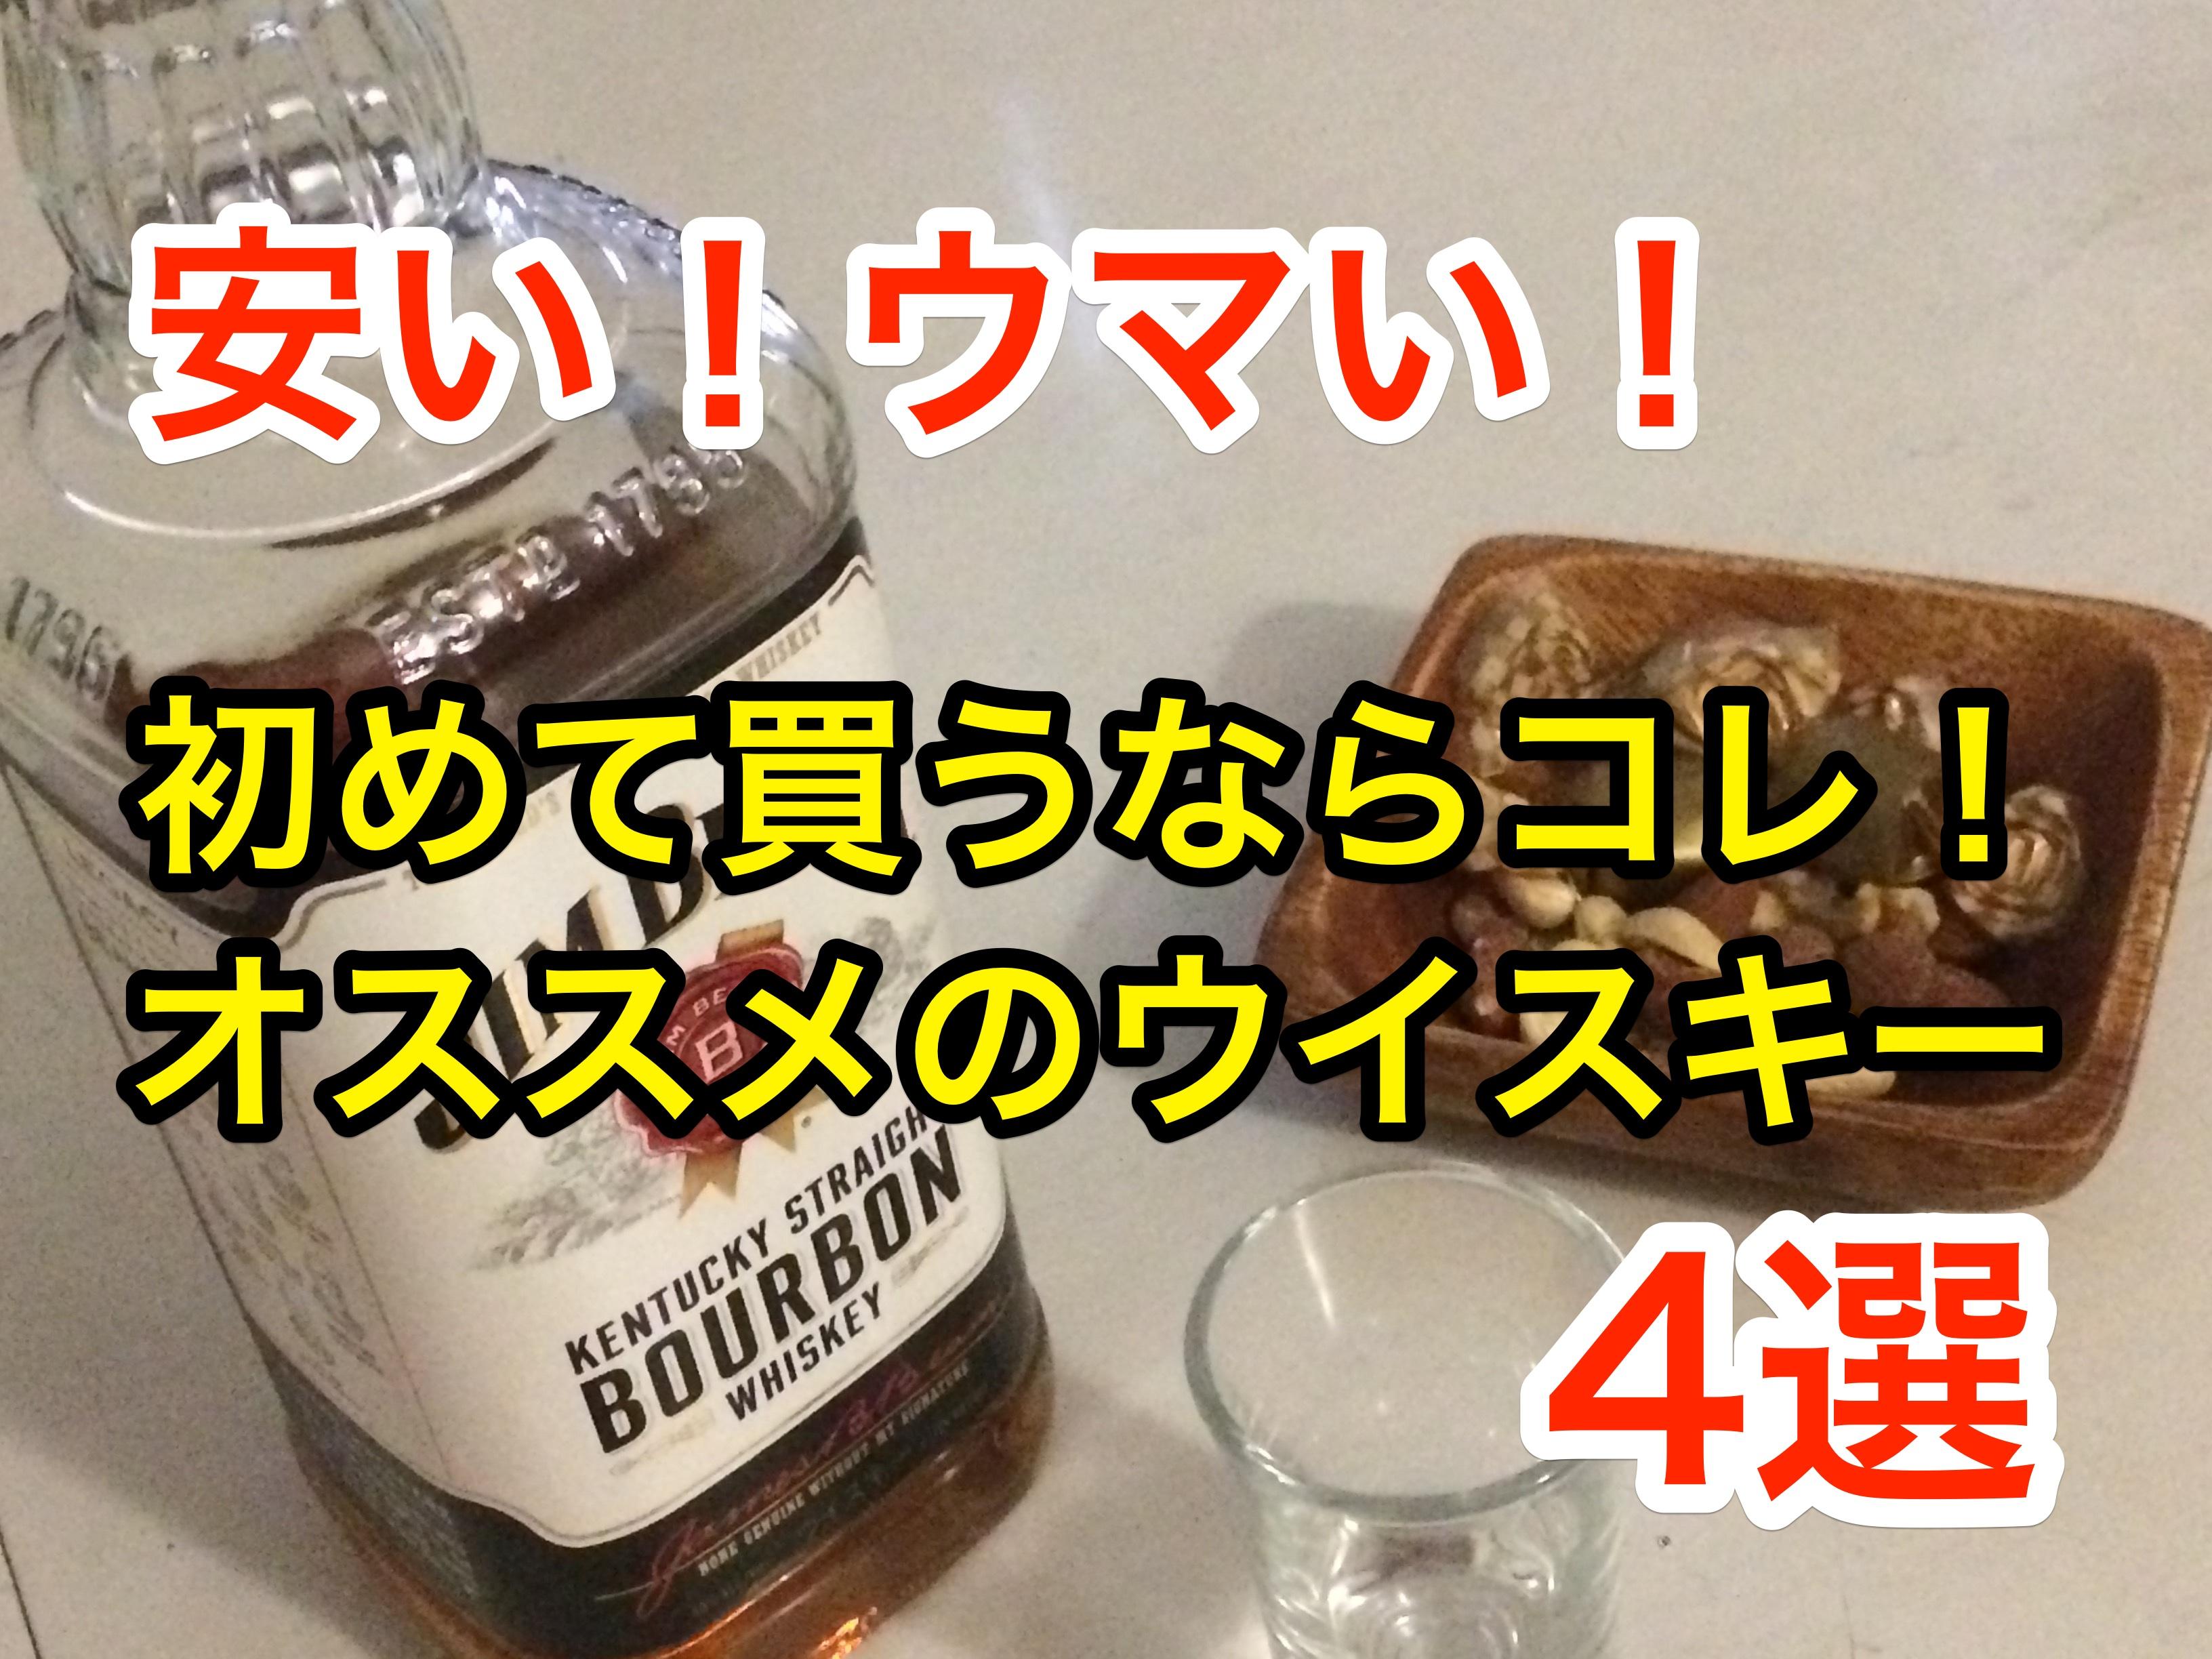 初めての人向け。安くても「美味い」と感じられるオススメのウイスキーと、その飲み方。女性にも